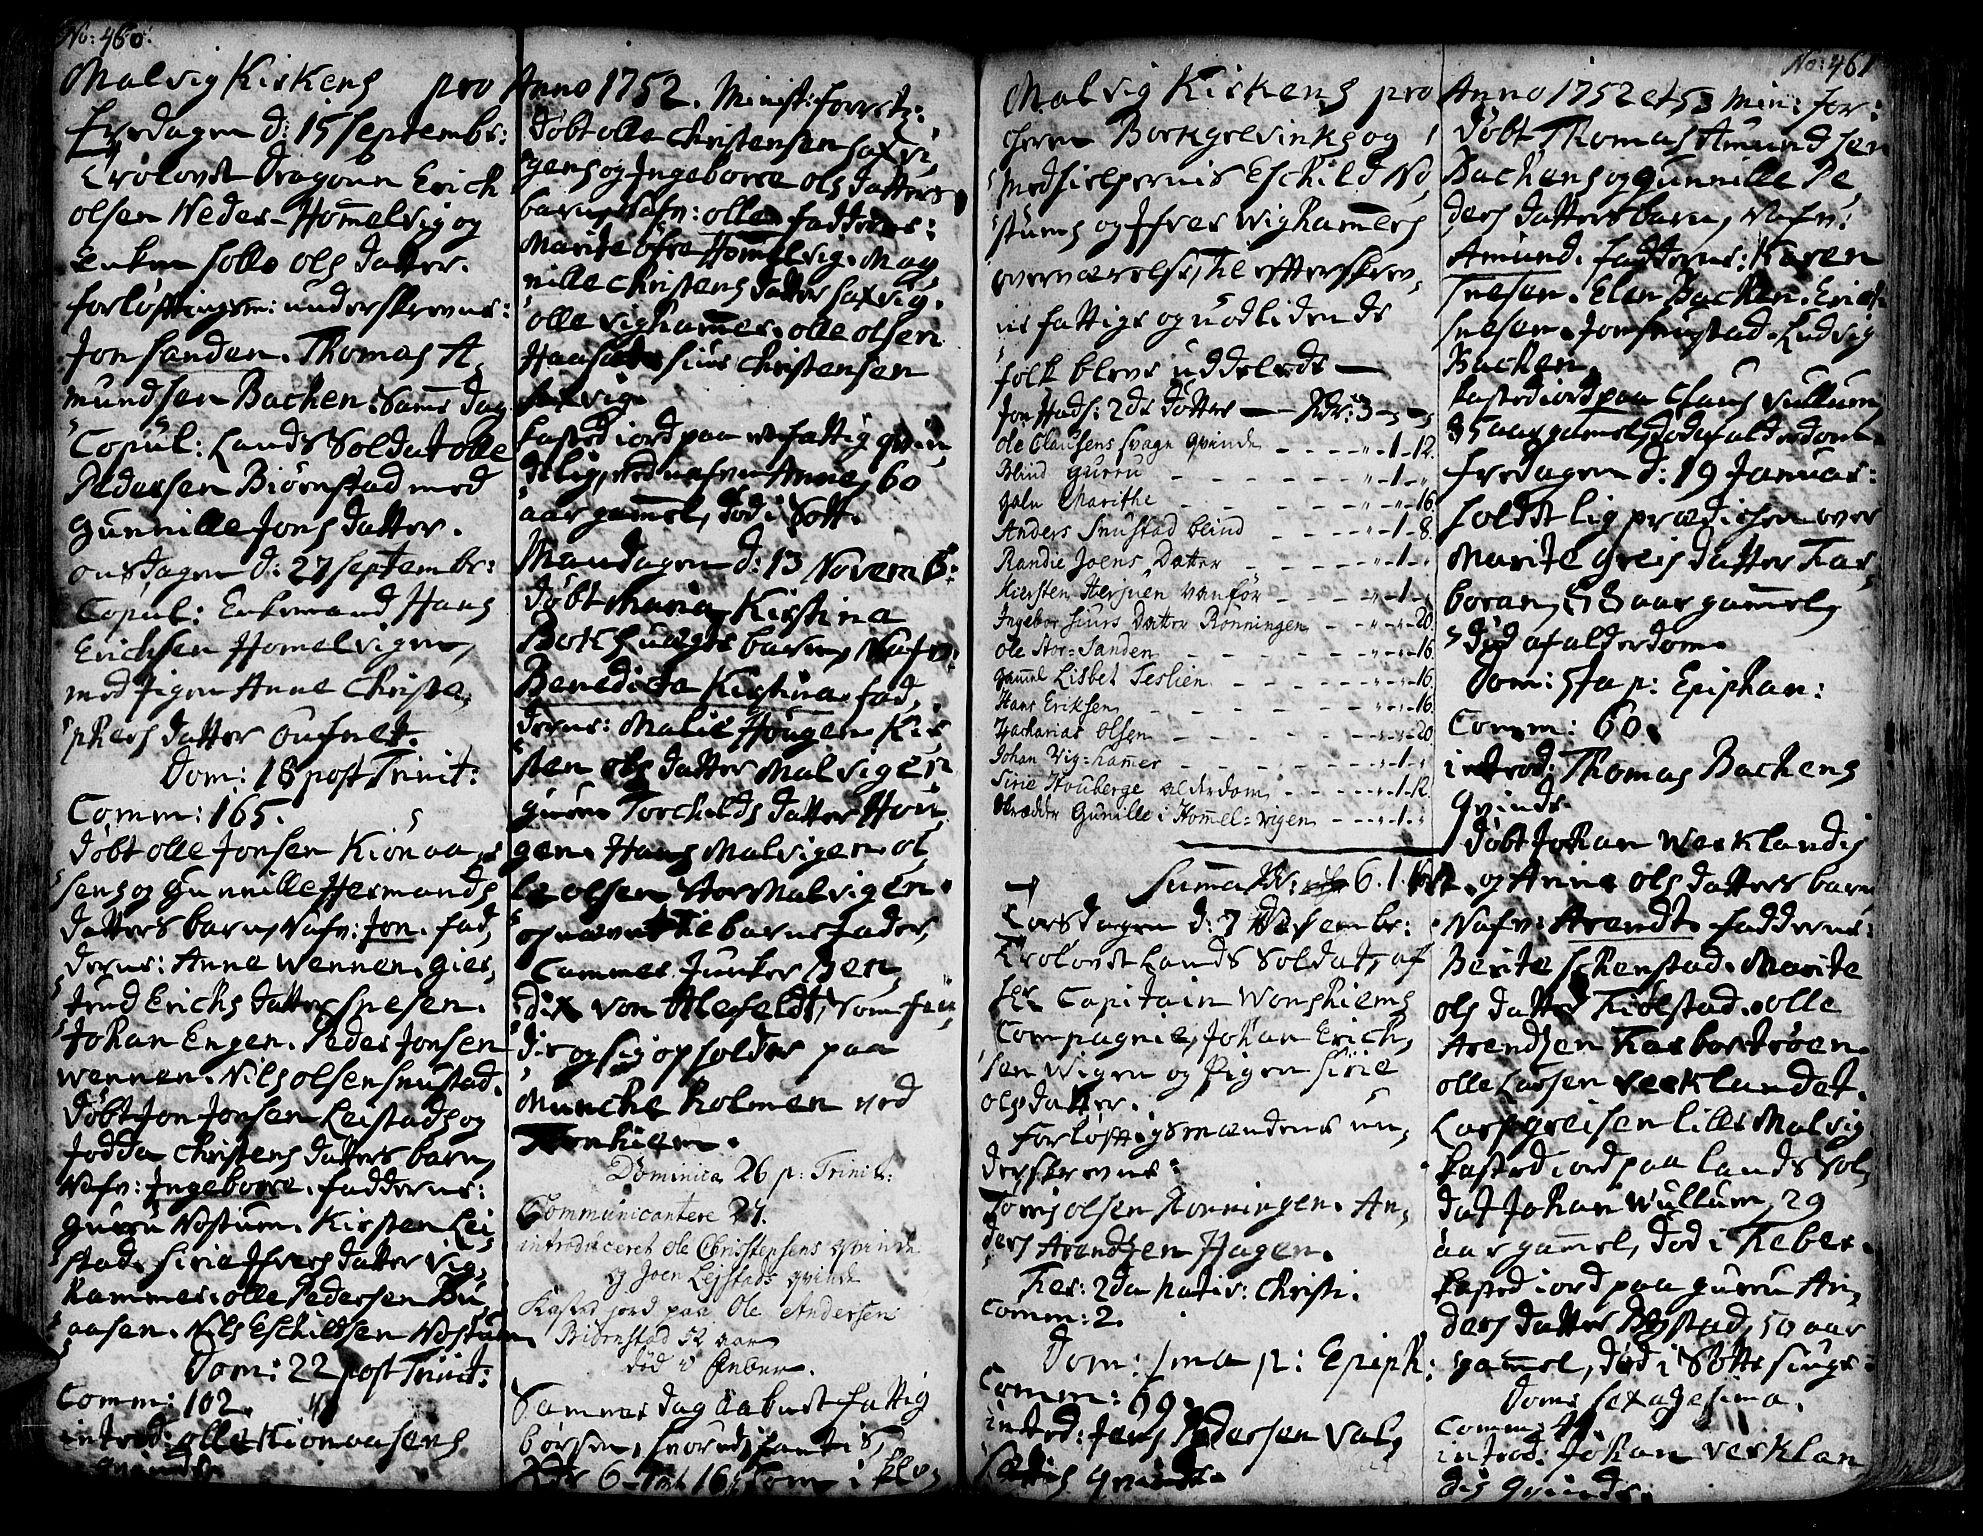 SAT, Ministerialprotokoller, klokkerbøker og fødselsregistre - Sør-Trøndelag, 606/L0277: Ministerialbok nr. 606A01 /3, 1727-1780, s. 460-461